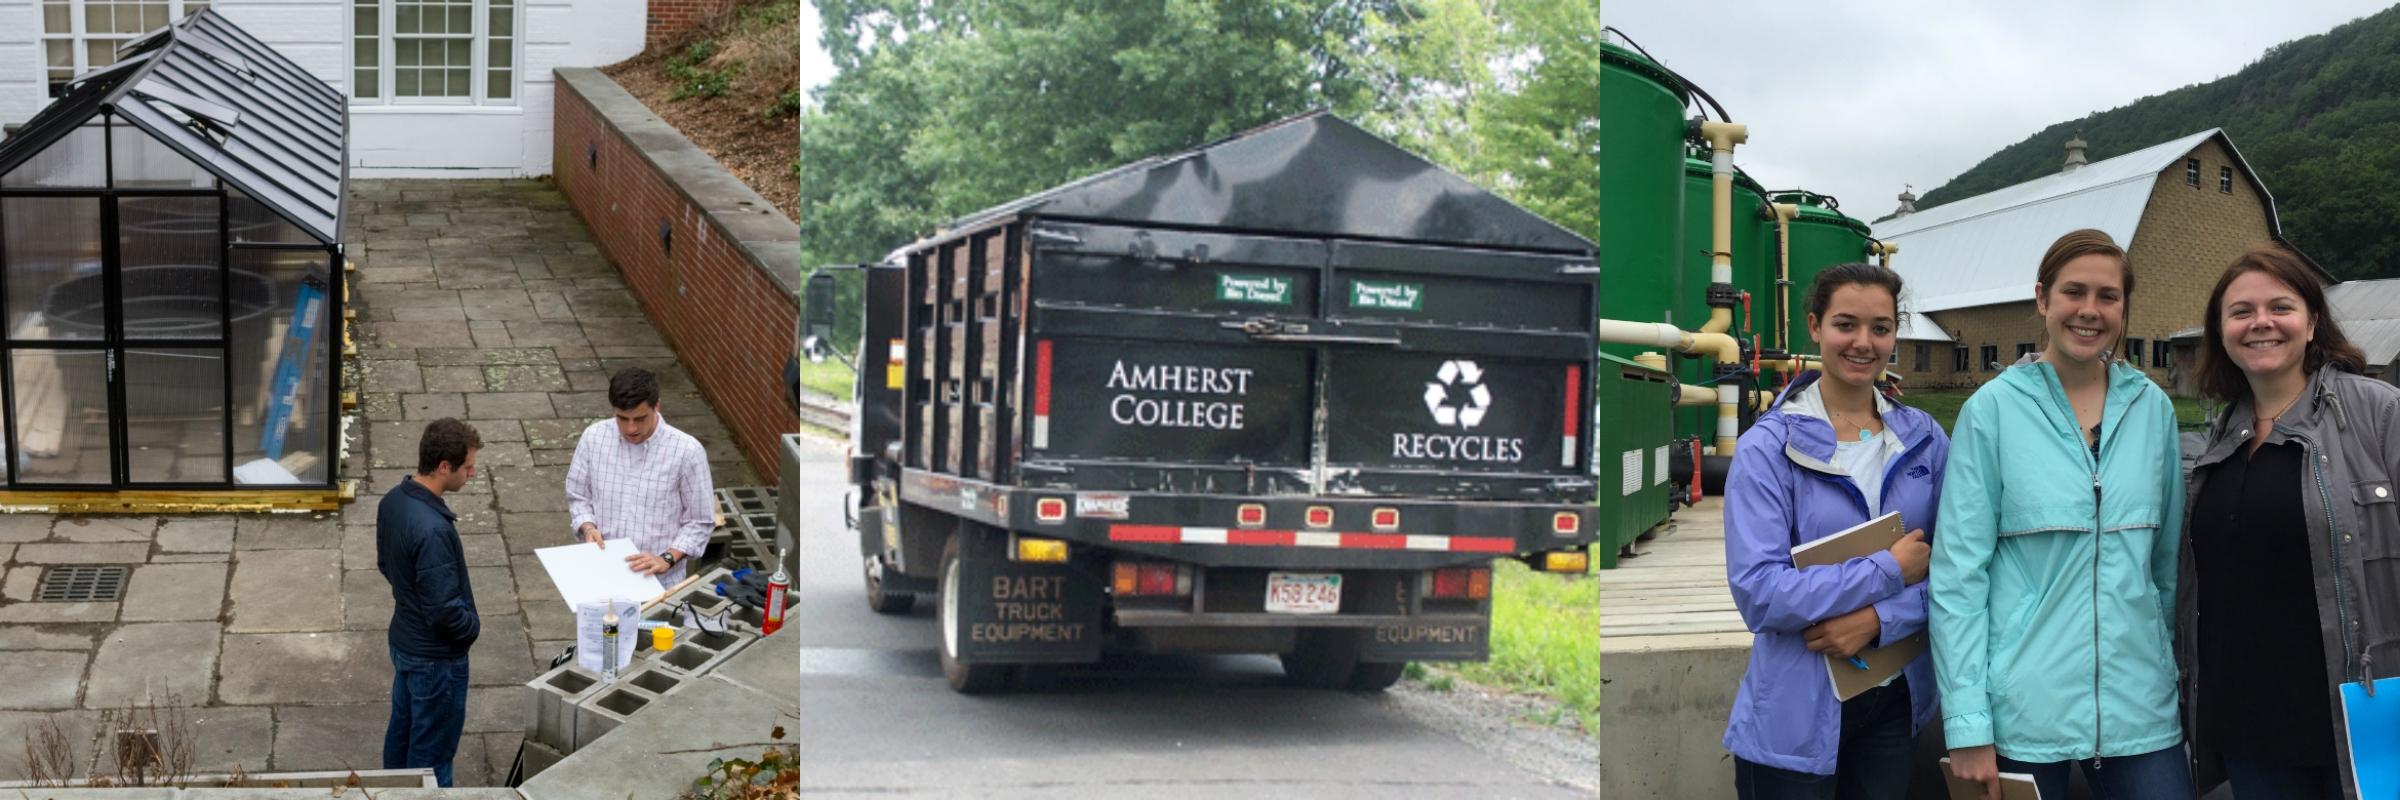 green_amherst_collage.jpg